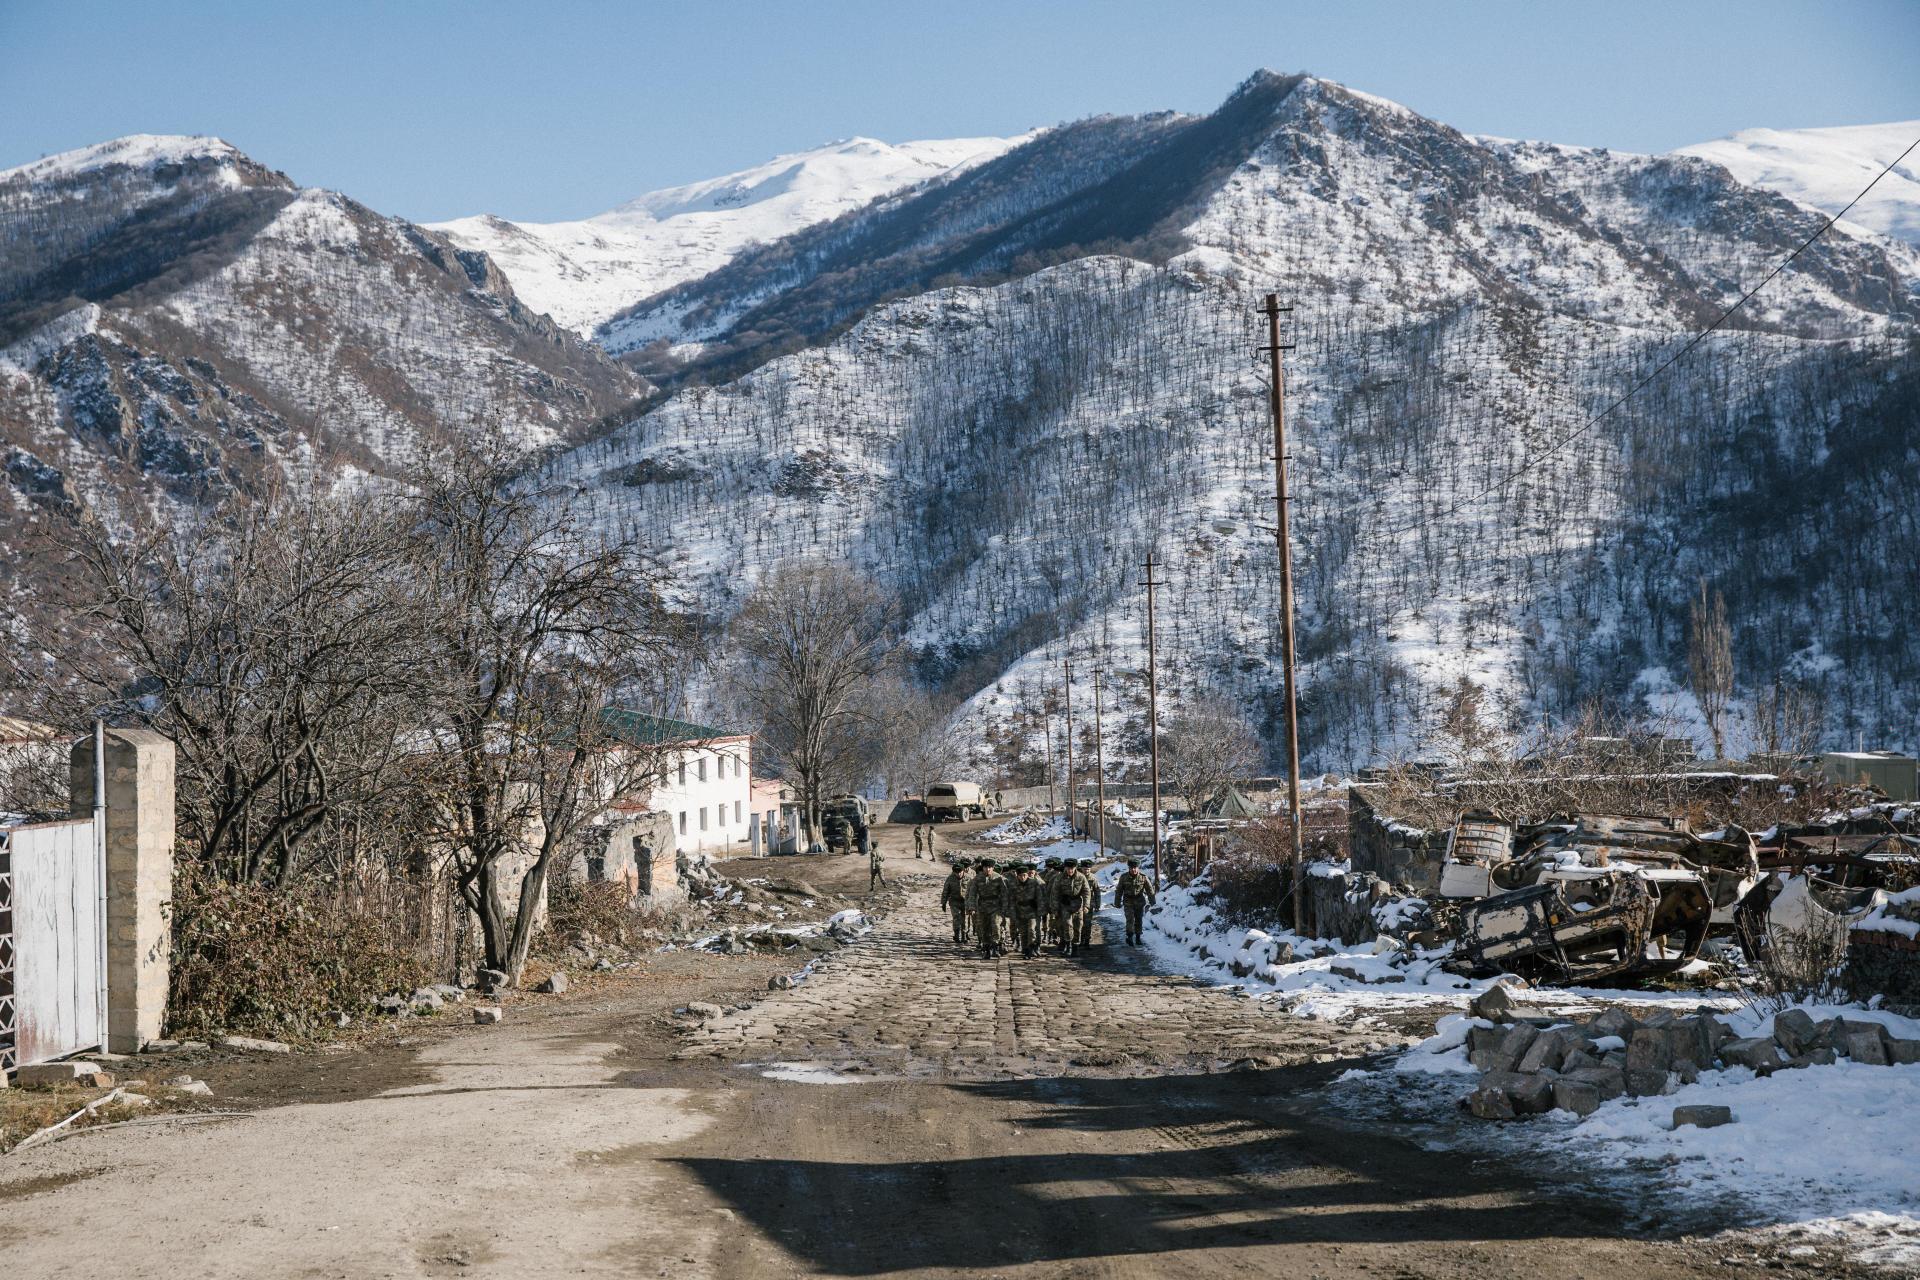 شهر کلباجار ، 21 دسامبر.  این منطقه اخیراً متعلق به ارامنه بوده است.  قبل از رفتن ، آنها گاهی خانه های خود را می سوزانند و سقف ها را تصرف می کنند.  اکنون سربازان آذربایجانی یک پایگاه نظامی در آنجا ایجاد کرده اند.